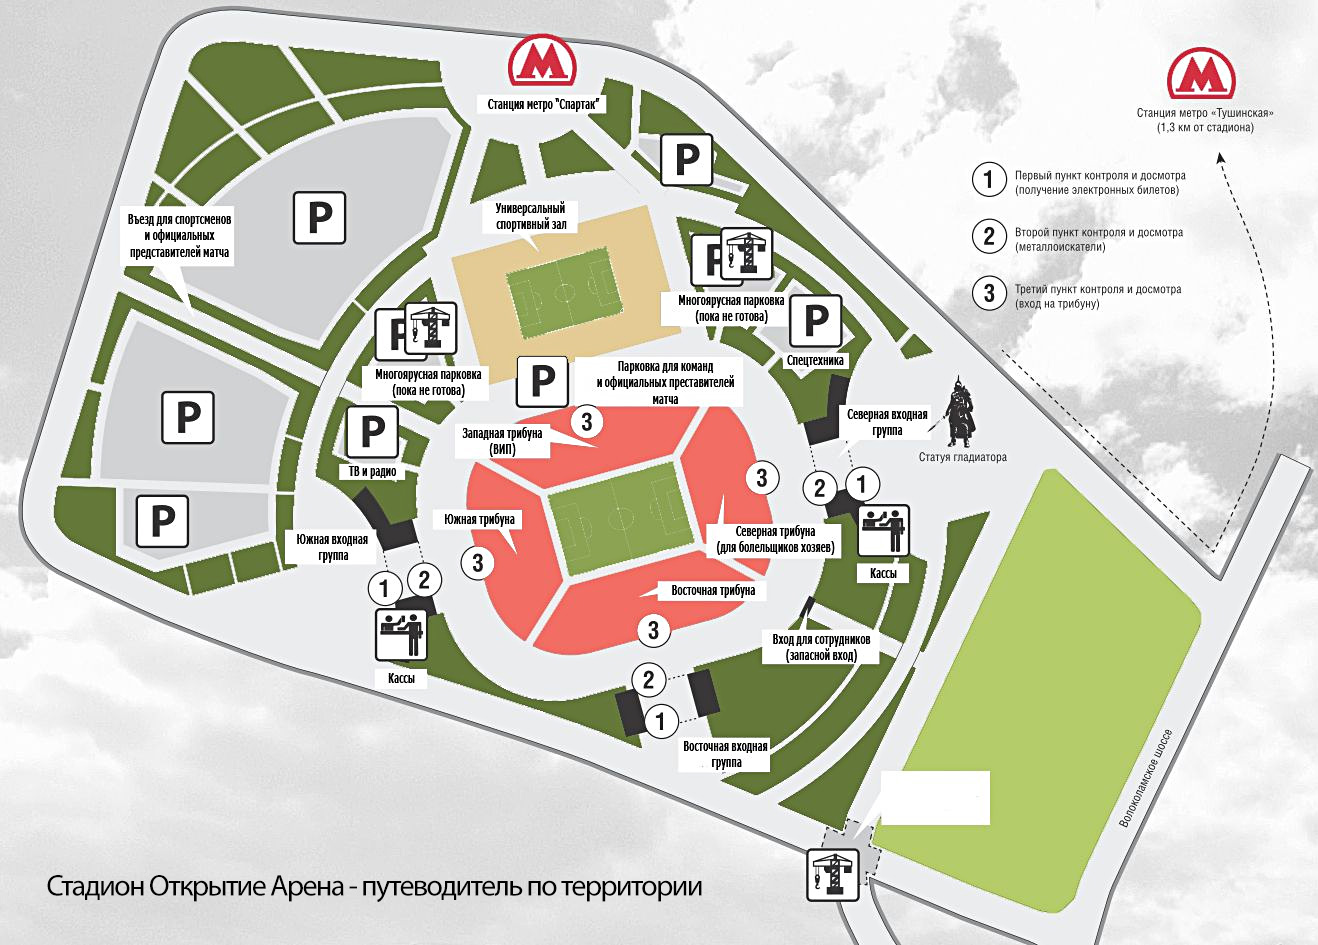 Открытие арена схема гостевого сектора